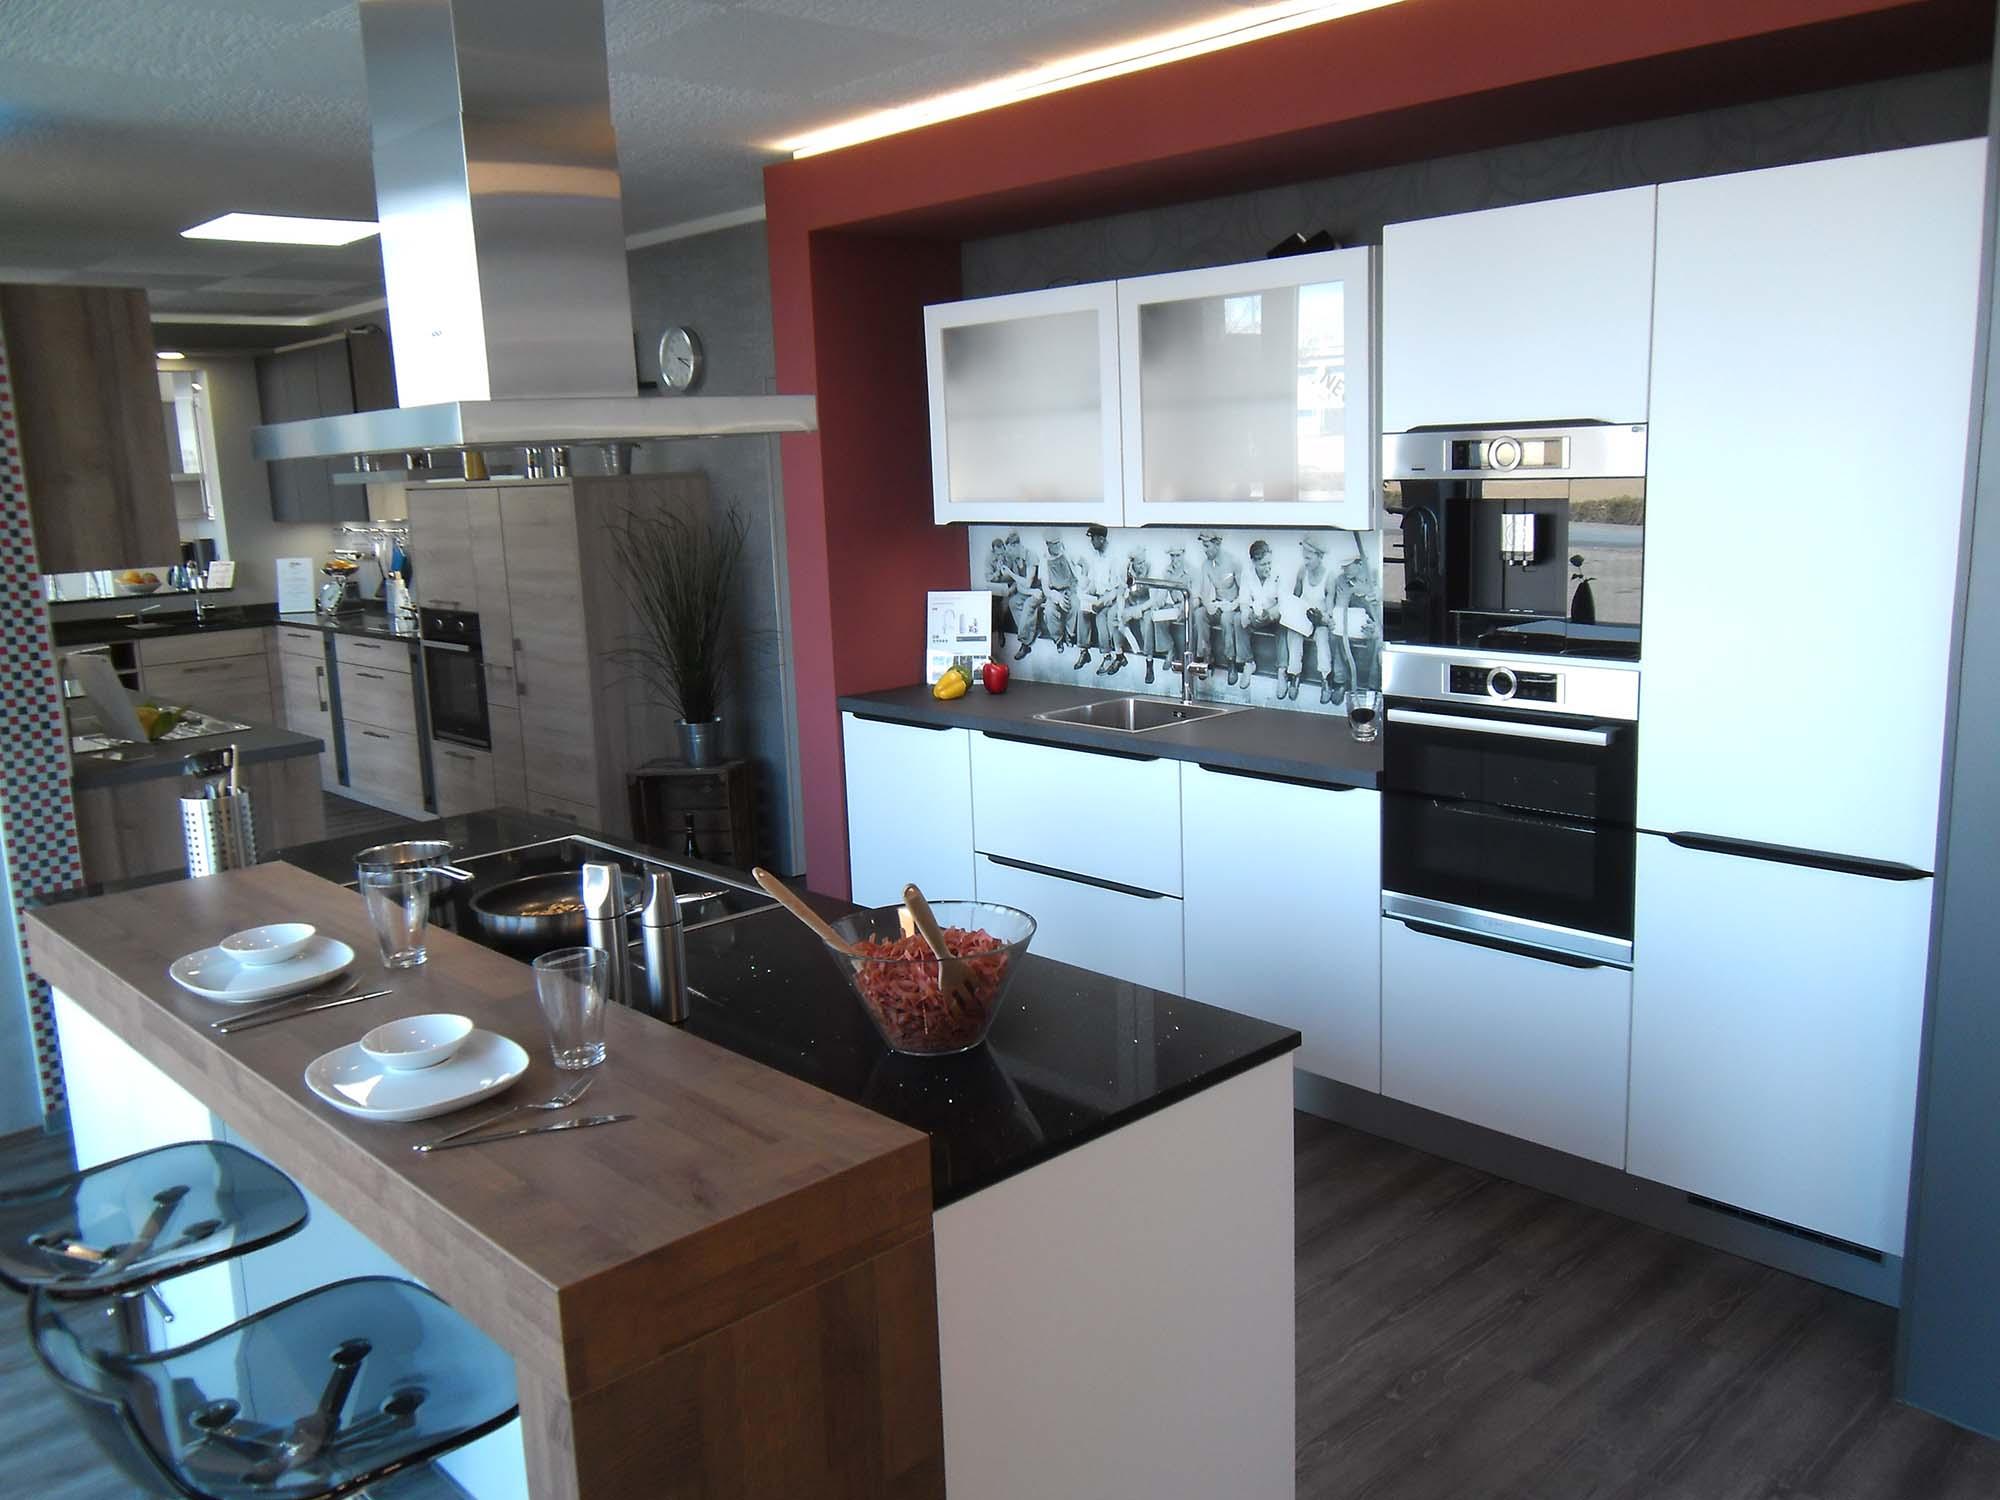 Unsere Ausstellung - Küche Life Style Nobilia Ausstellung